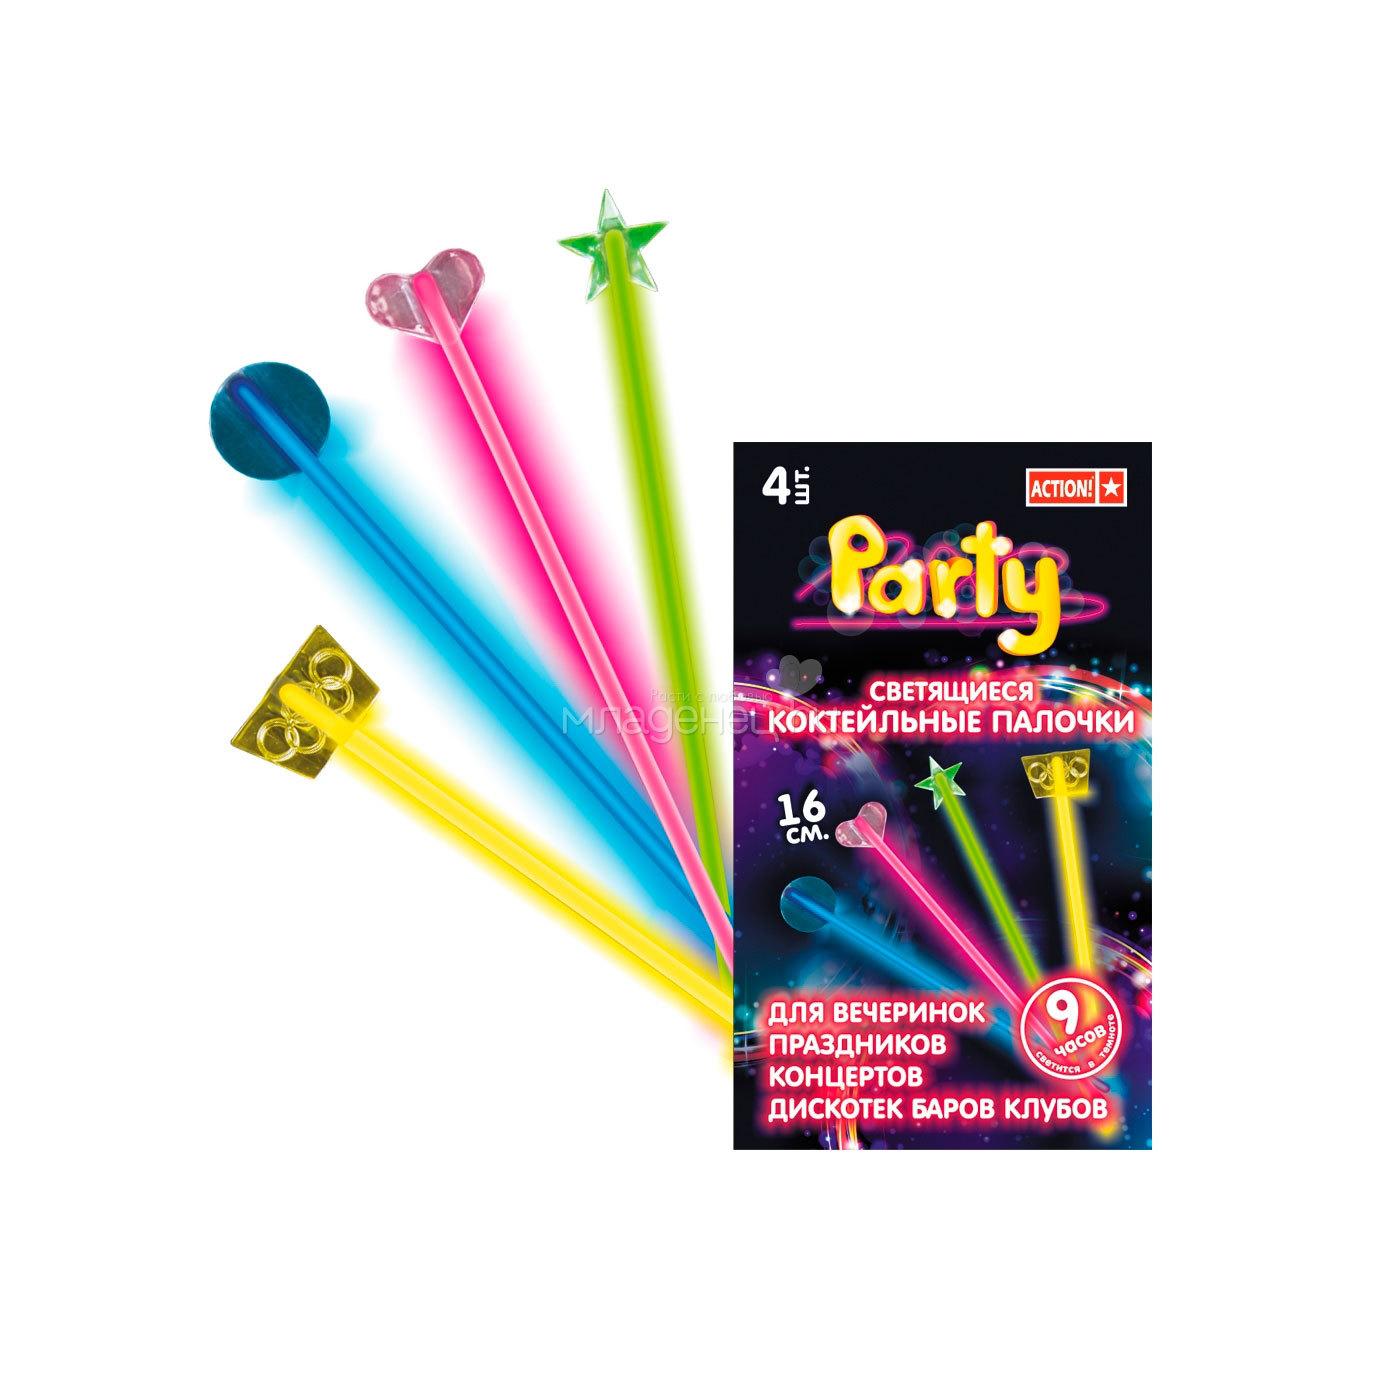 Коктейльные трубочки ACTION! Набор светящихся палочек, разноцветные 4 шт. 16 см.